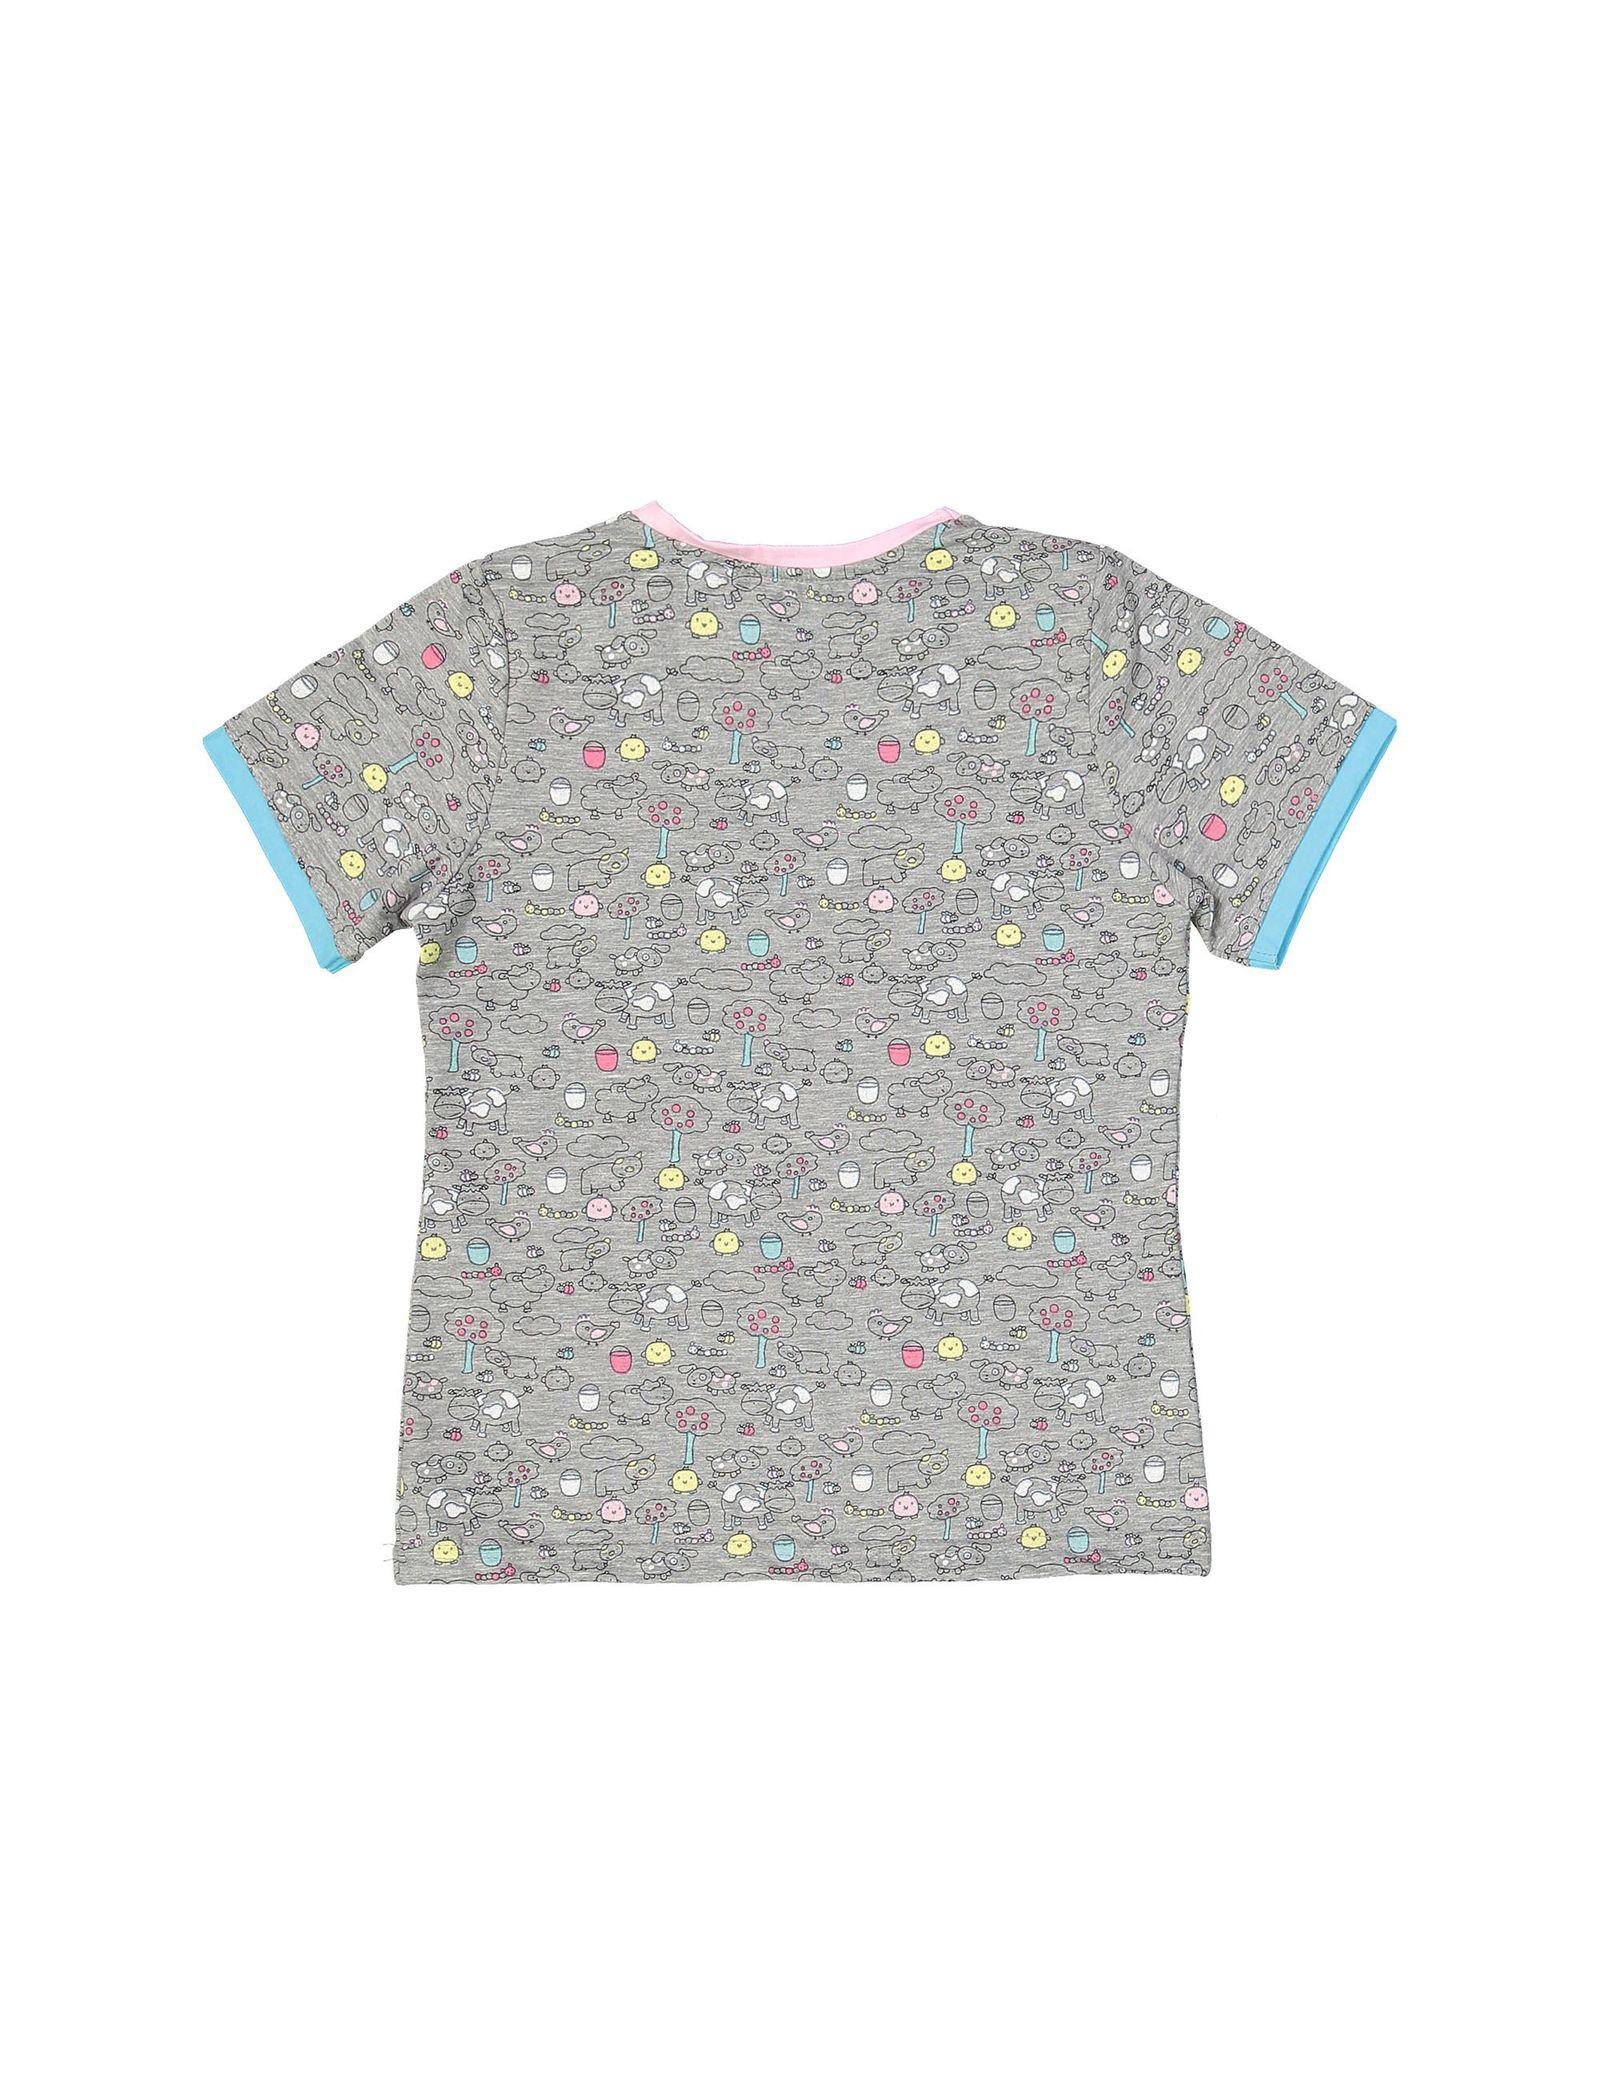 تی شرت و شلوار نخی بچگانه مزرعه شاد - ناربن - طوسي - 3